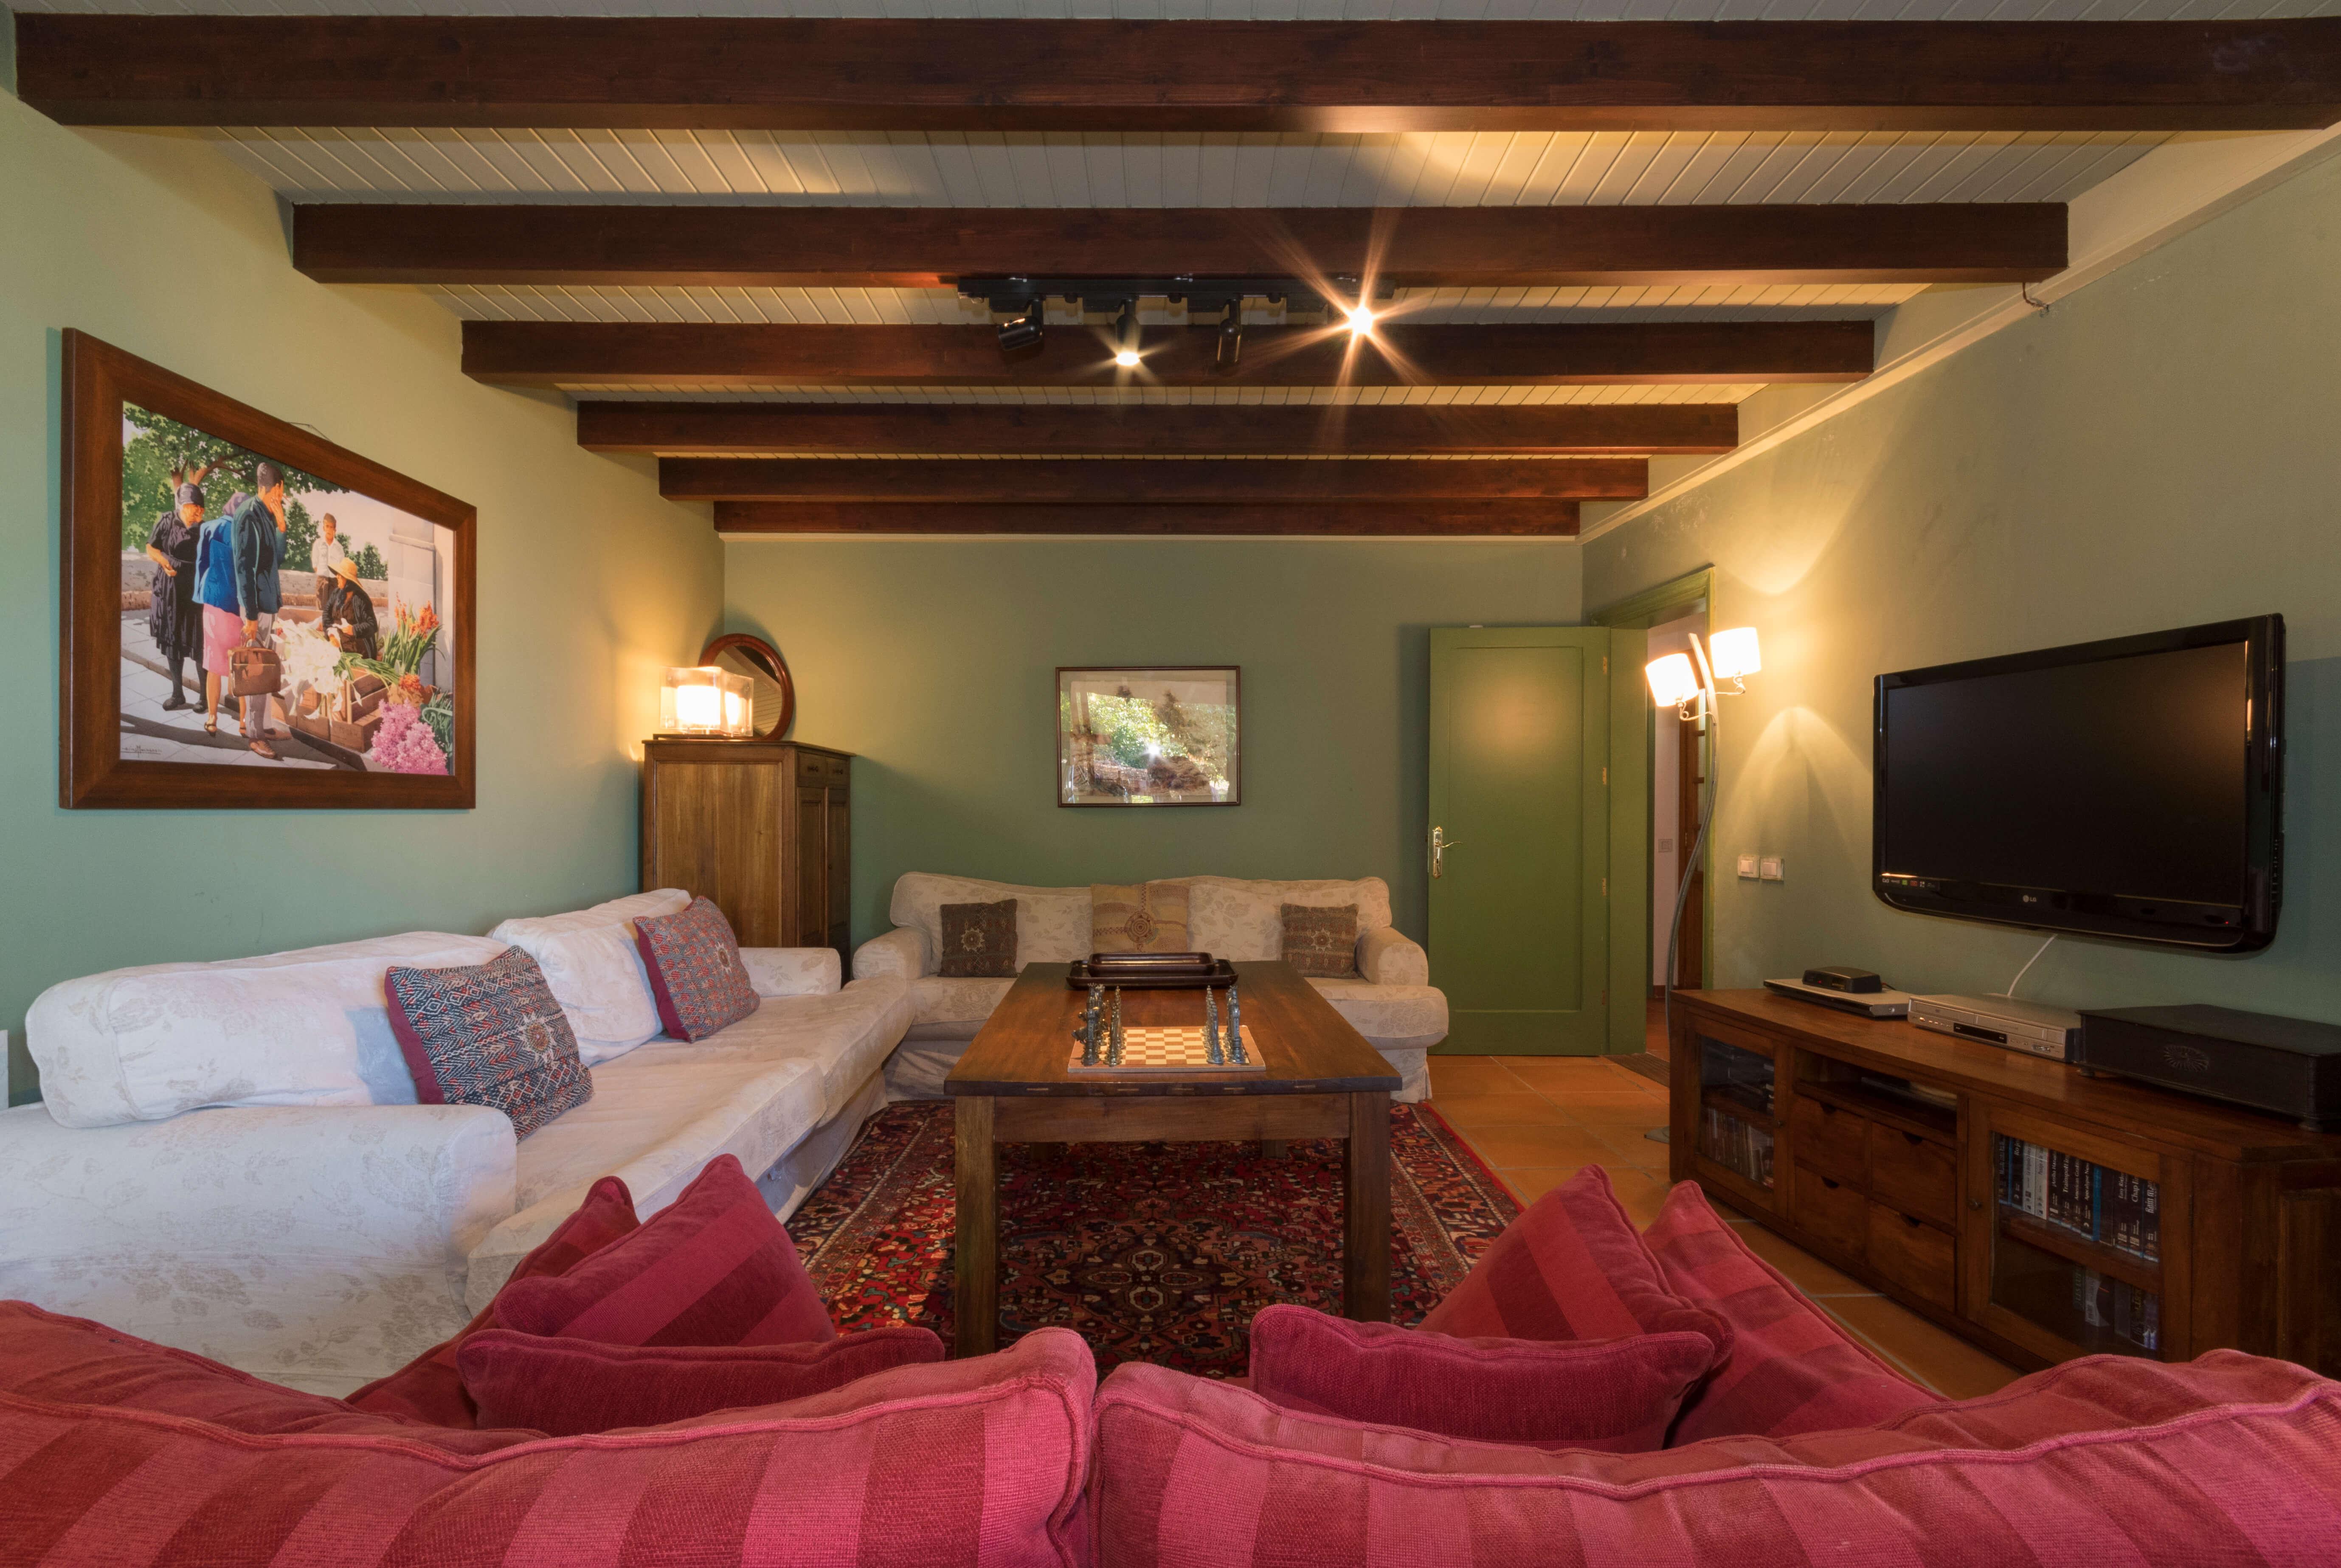 Ferienhaus Großes Ferienhaus in San Mateo (2303726), Vega de San Mateo, Gran Canaria, Kanarische Inseln, Spanien, Bild 22